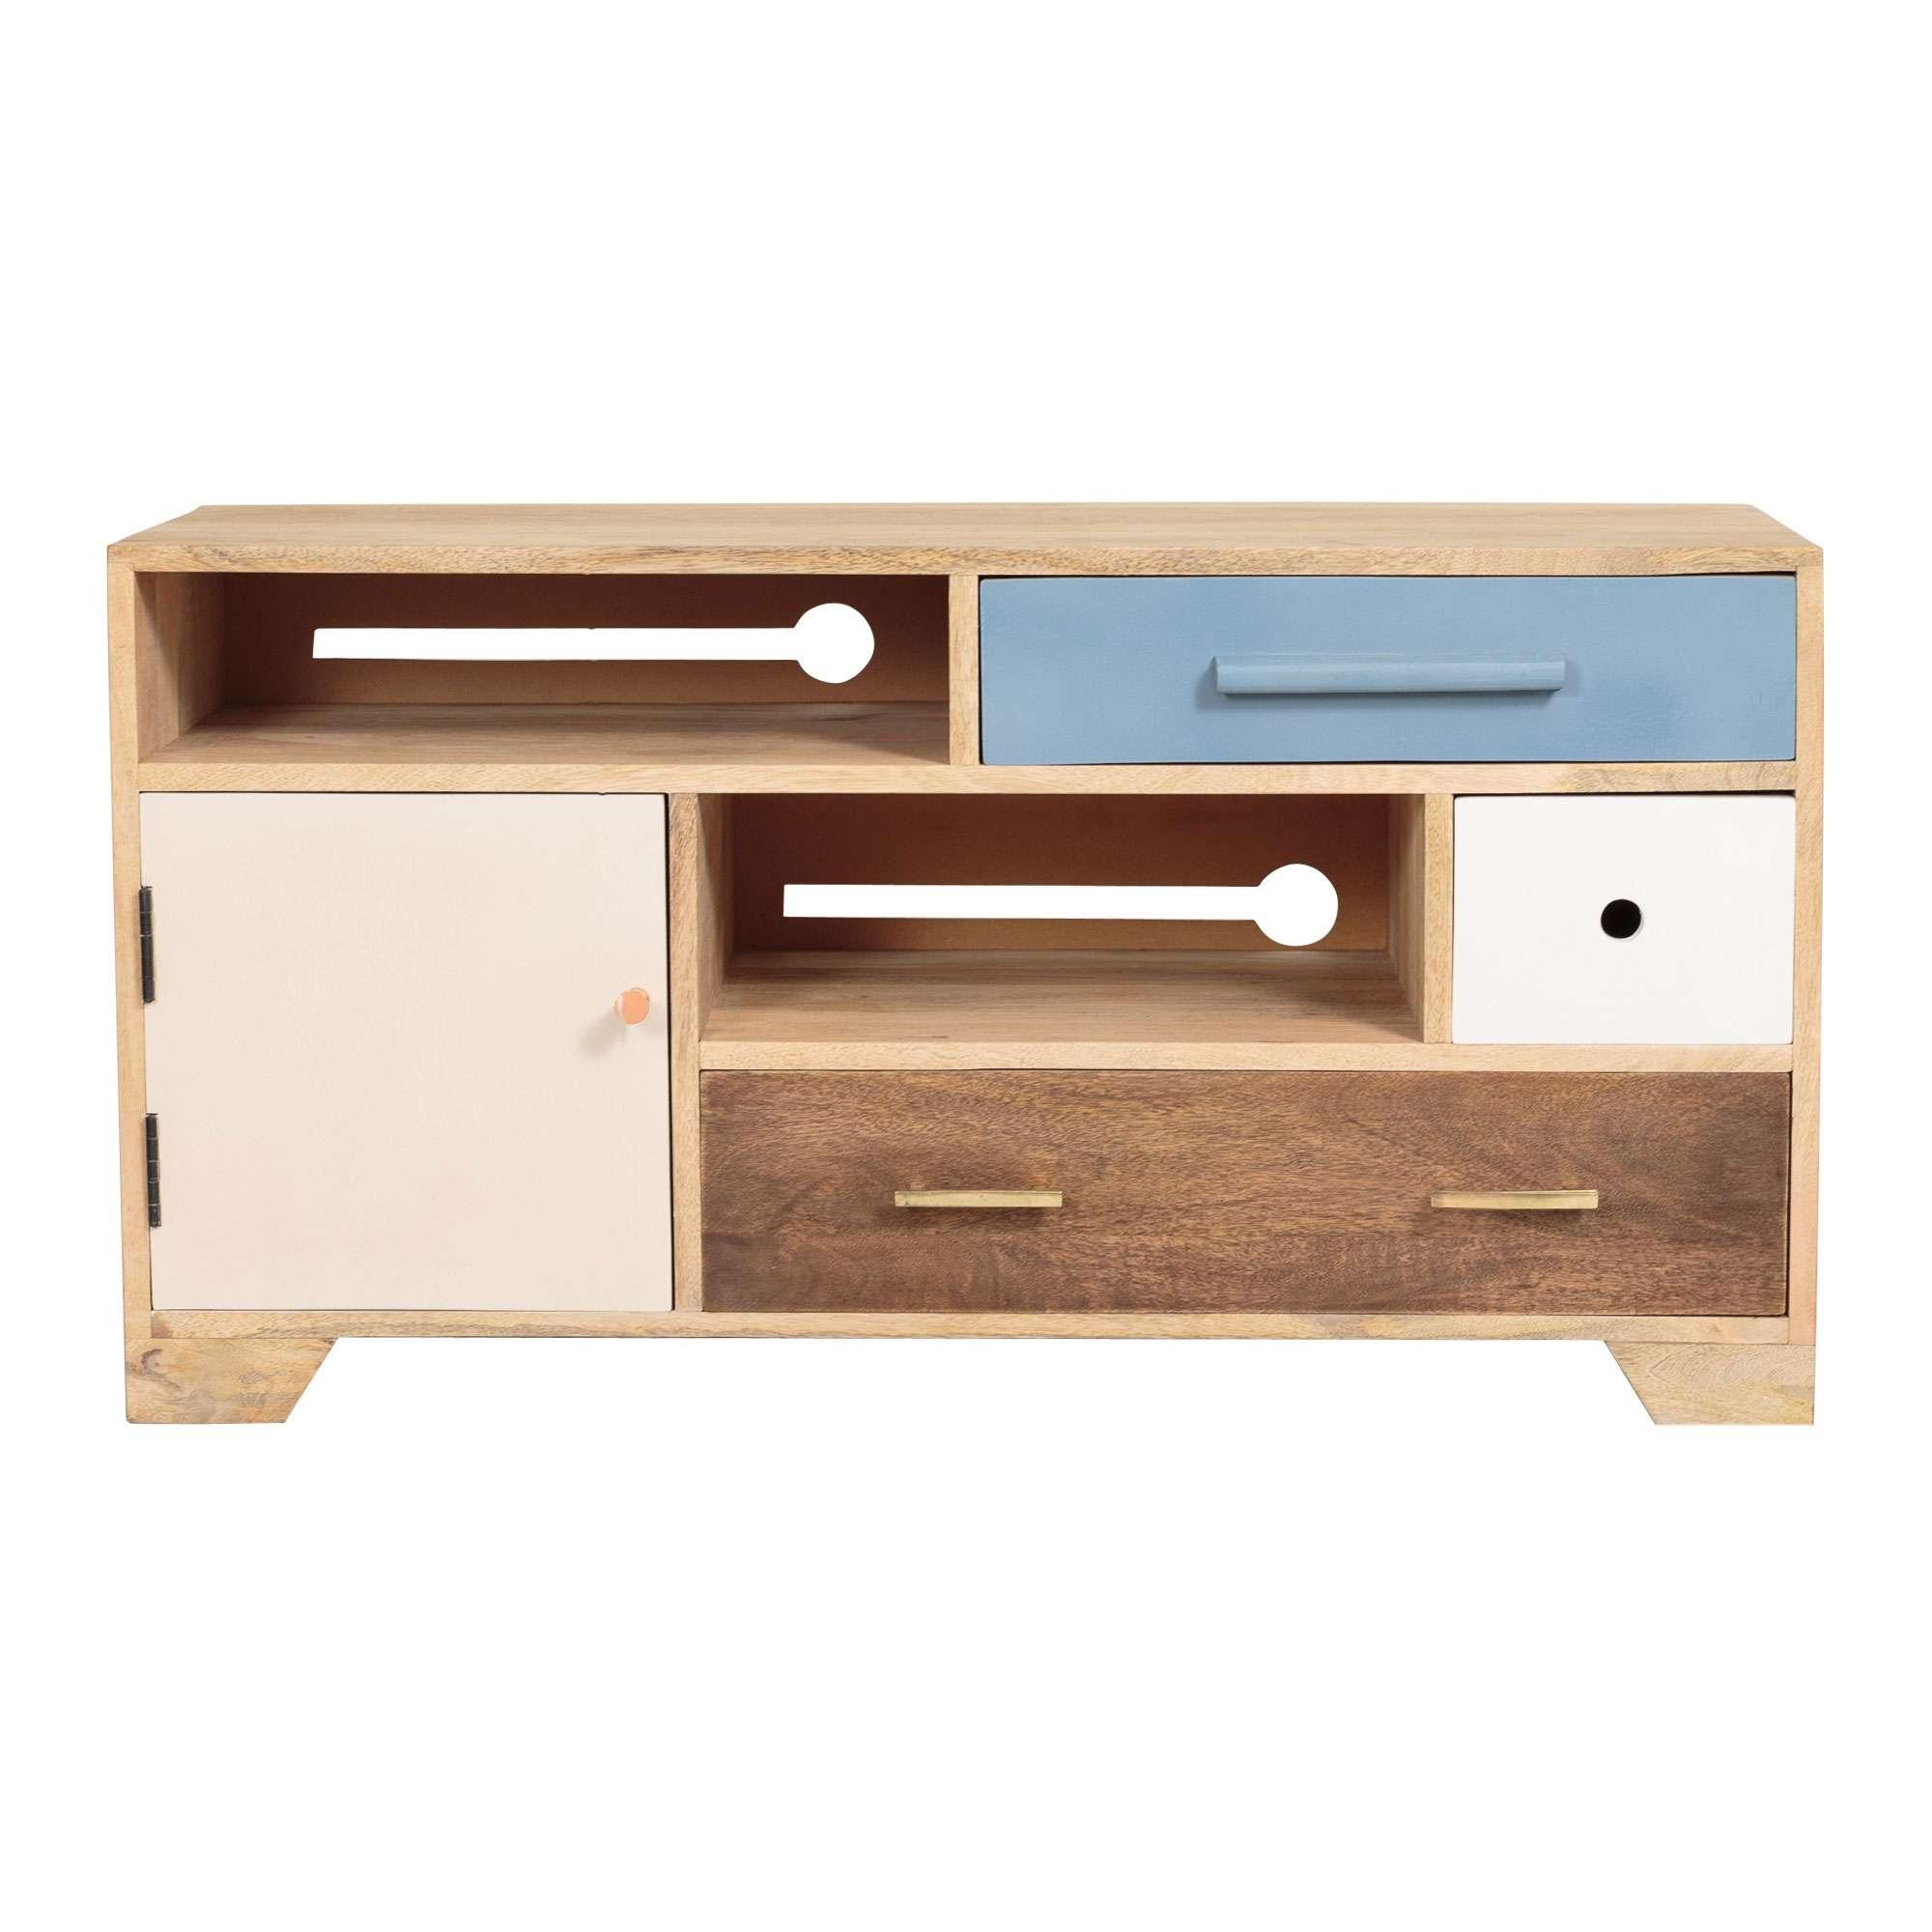 Jennifer Wooden Tv Cabinet | Oliver Bonas Inside Wooden Tv Cabinets (Gallery 10 of 20)